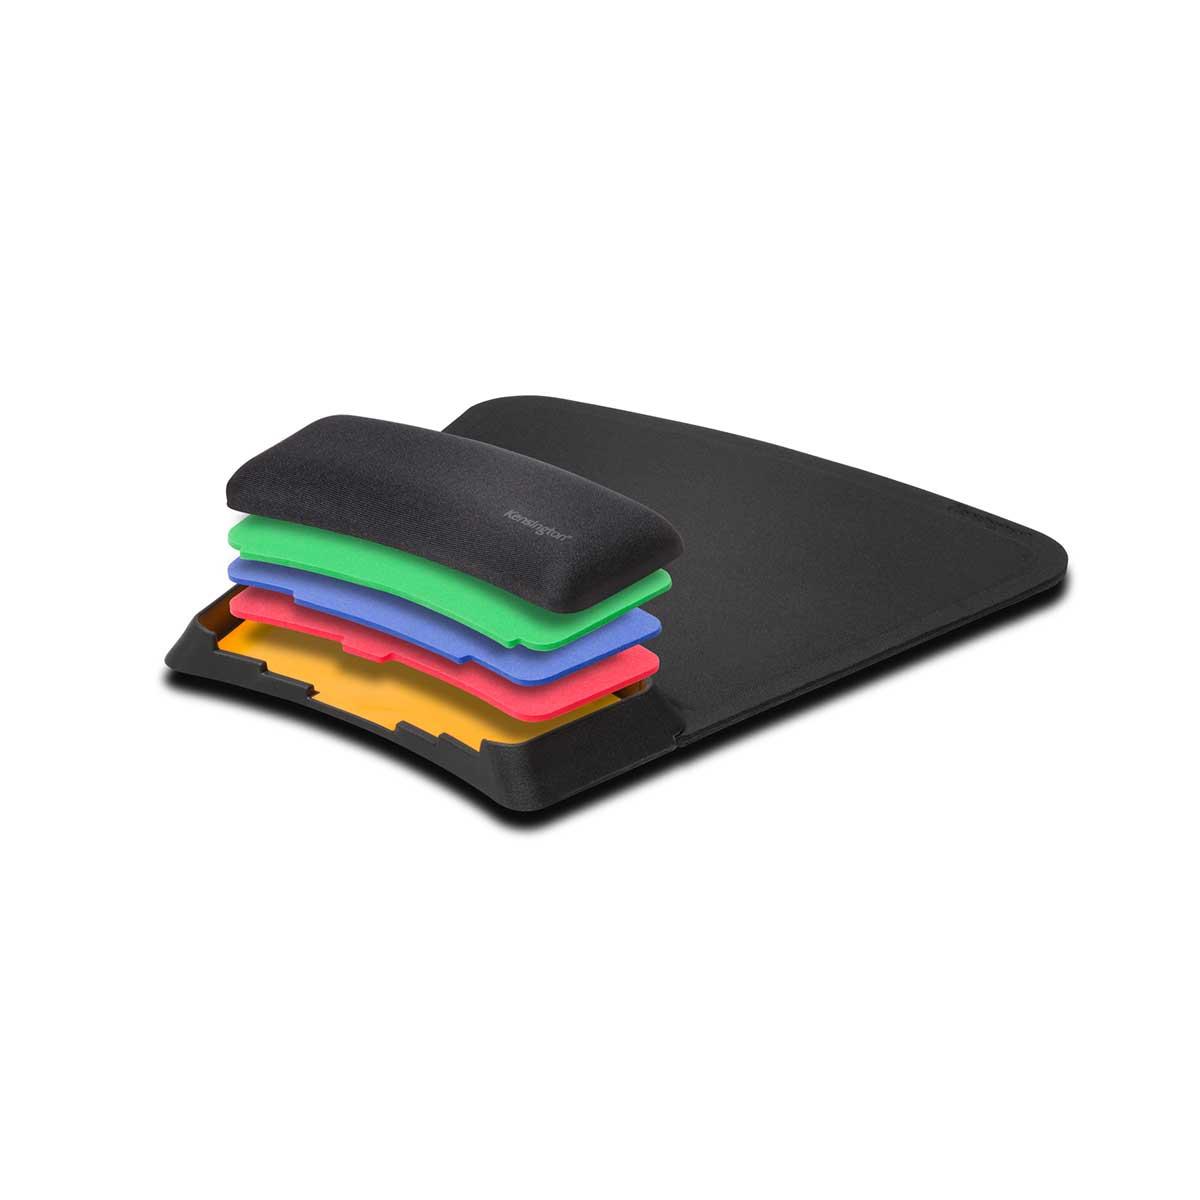 Kensington K55793EU SmartFit Mouse Pad